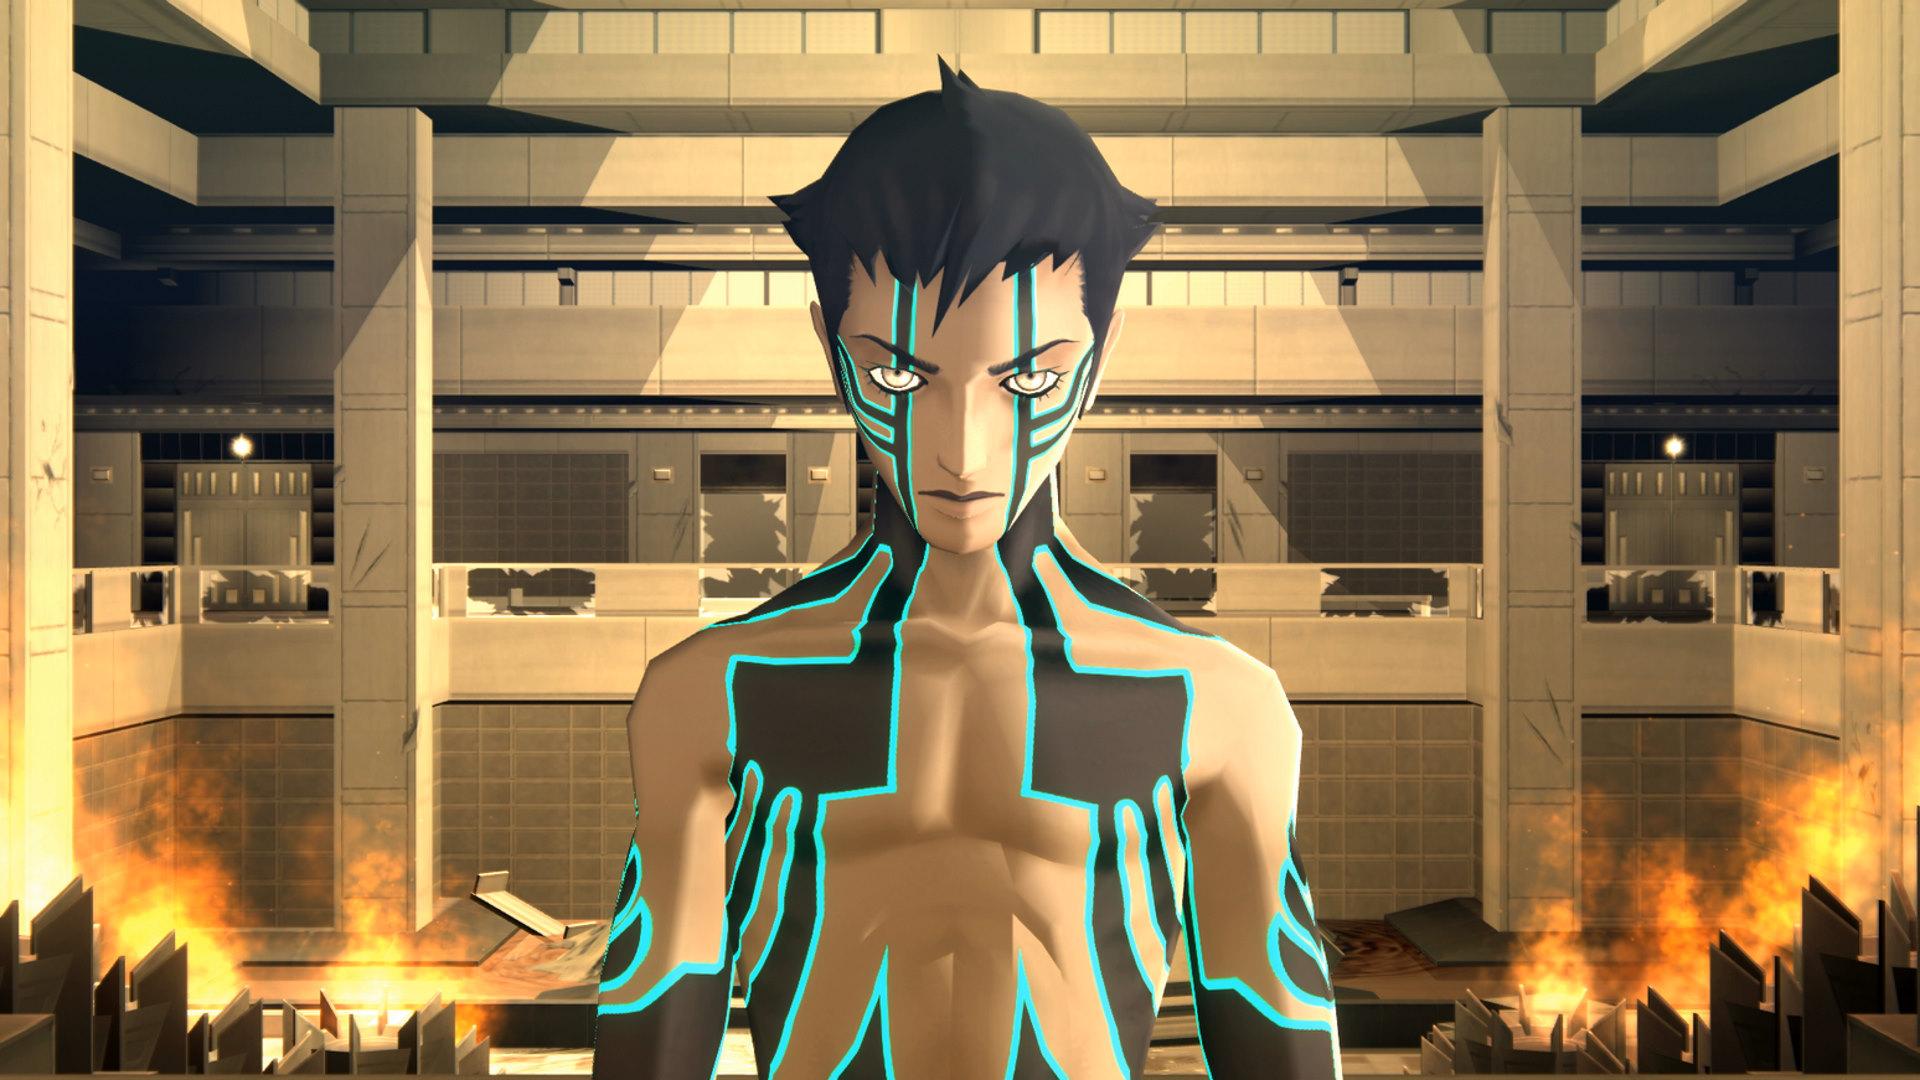 Shin Megami Tensei III Demi-fiend